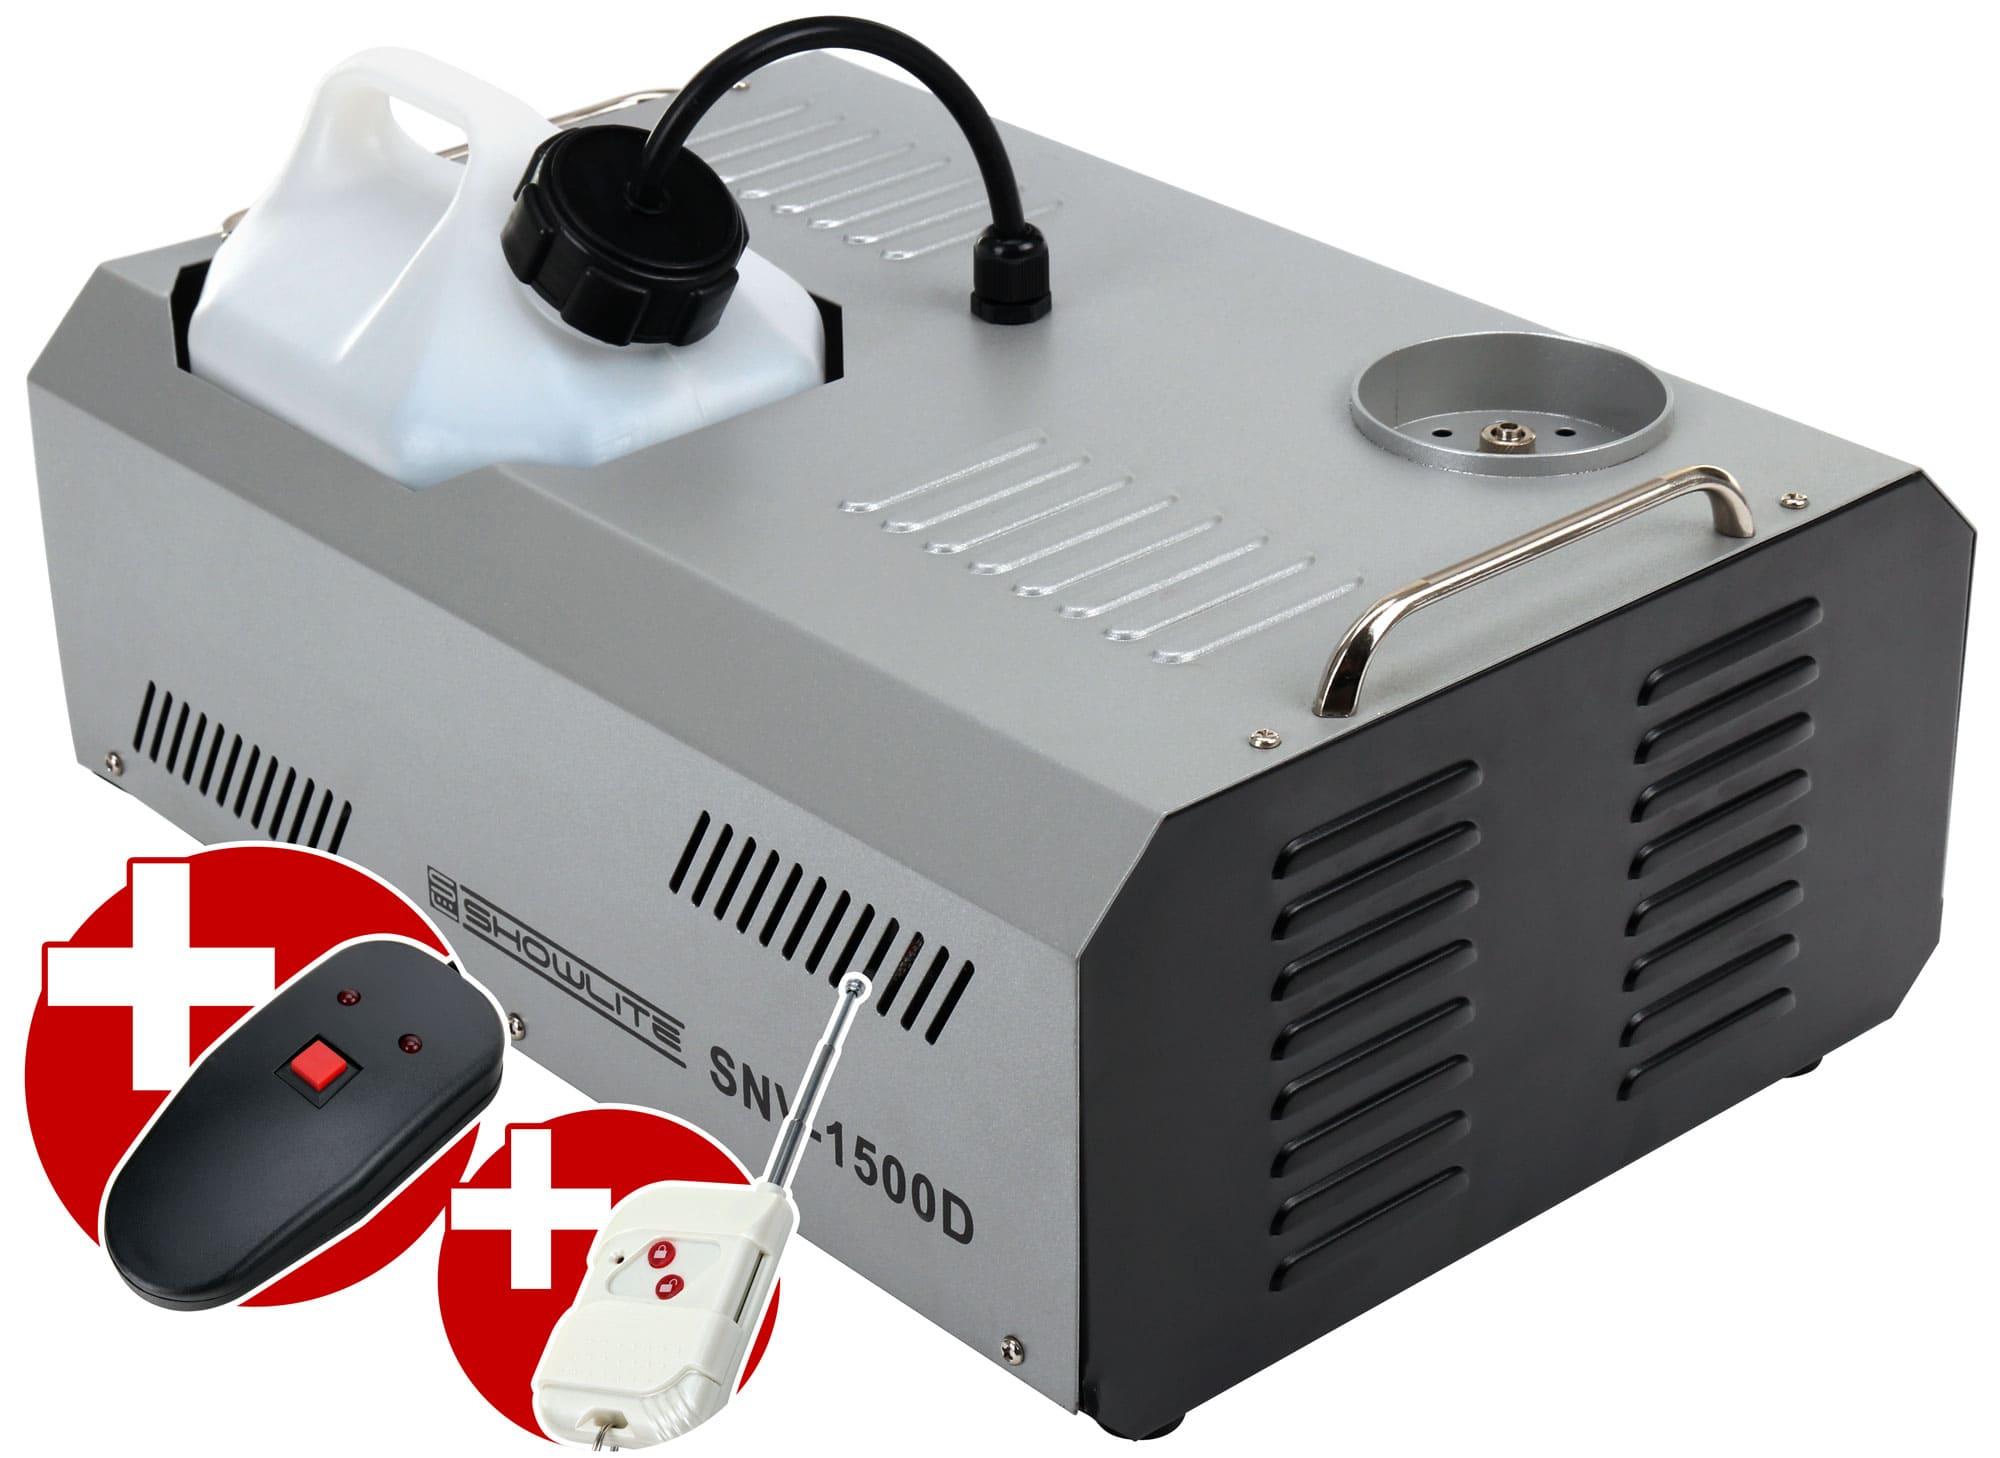 Nebeleffekte - Showlite SNV 1500D DMX Vertikal Nebelmaschine 1500W inkl. Fernbedienung - Onlineshop Musikhaus Kirstein